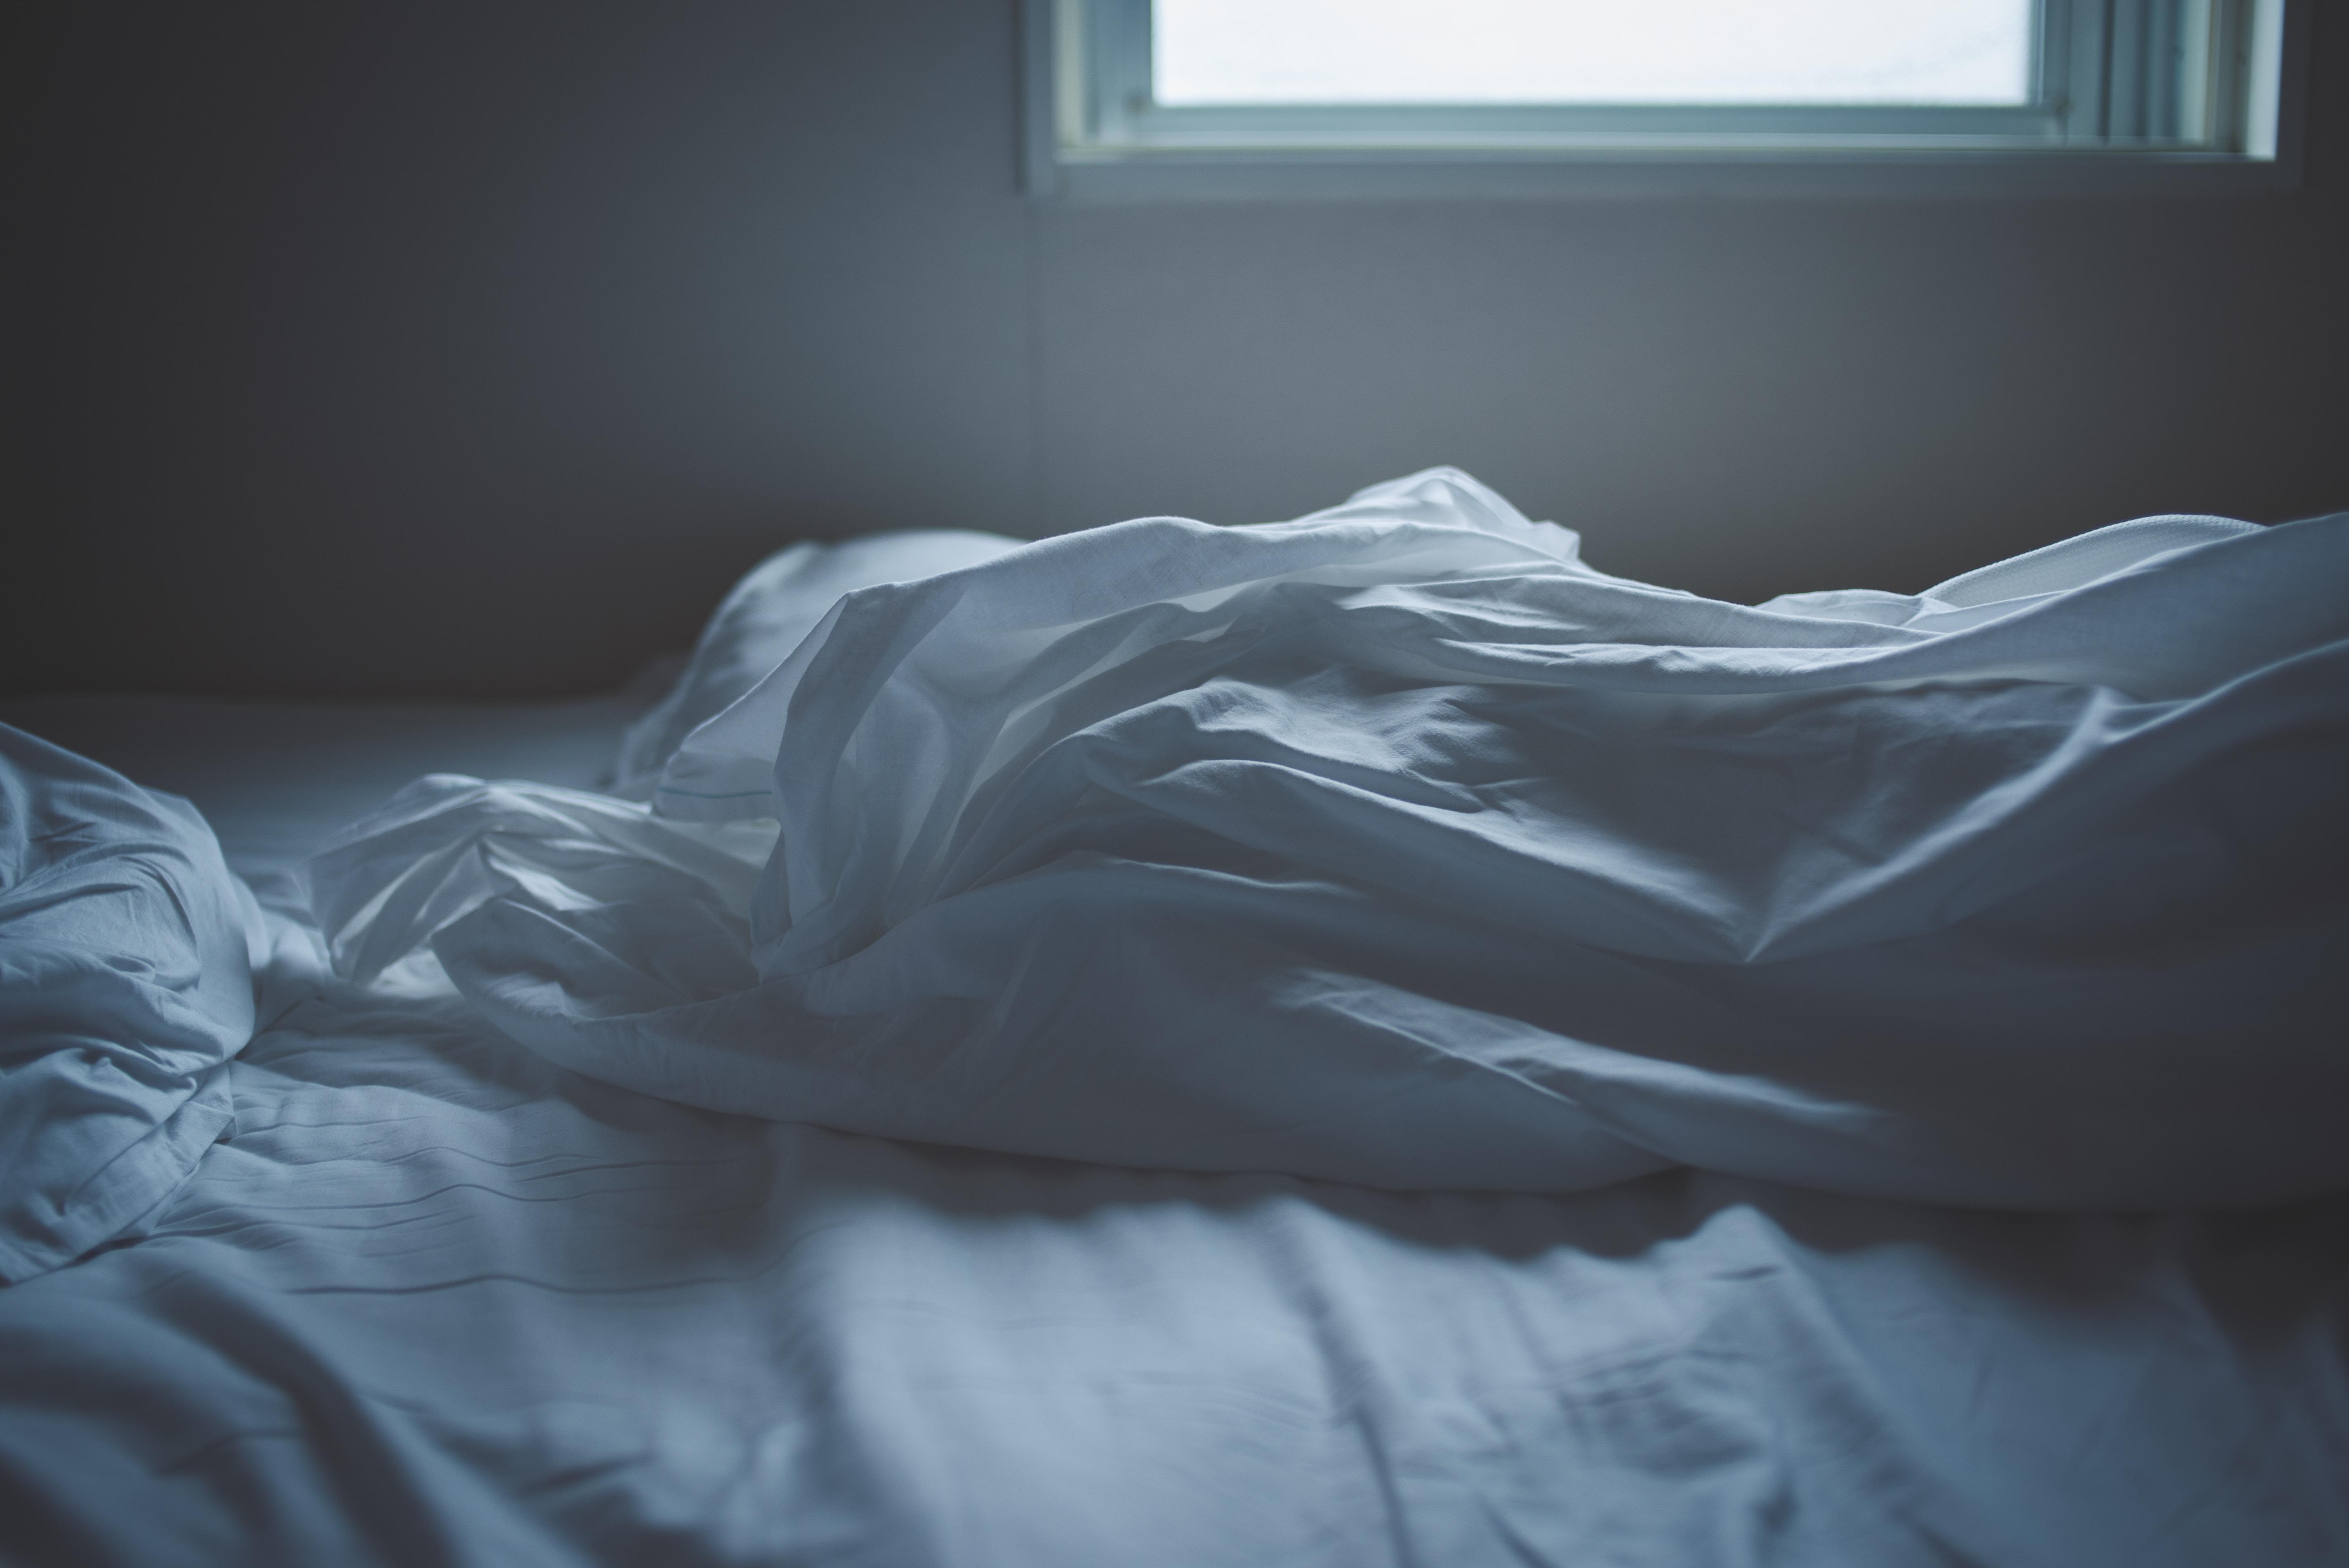 你的專業就是失眠嗎? | 失落花園 陳俊欽 精神科醫師